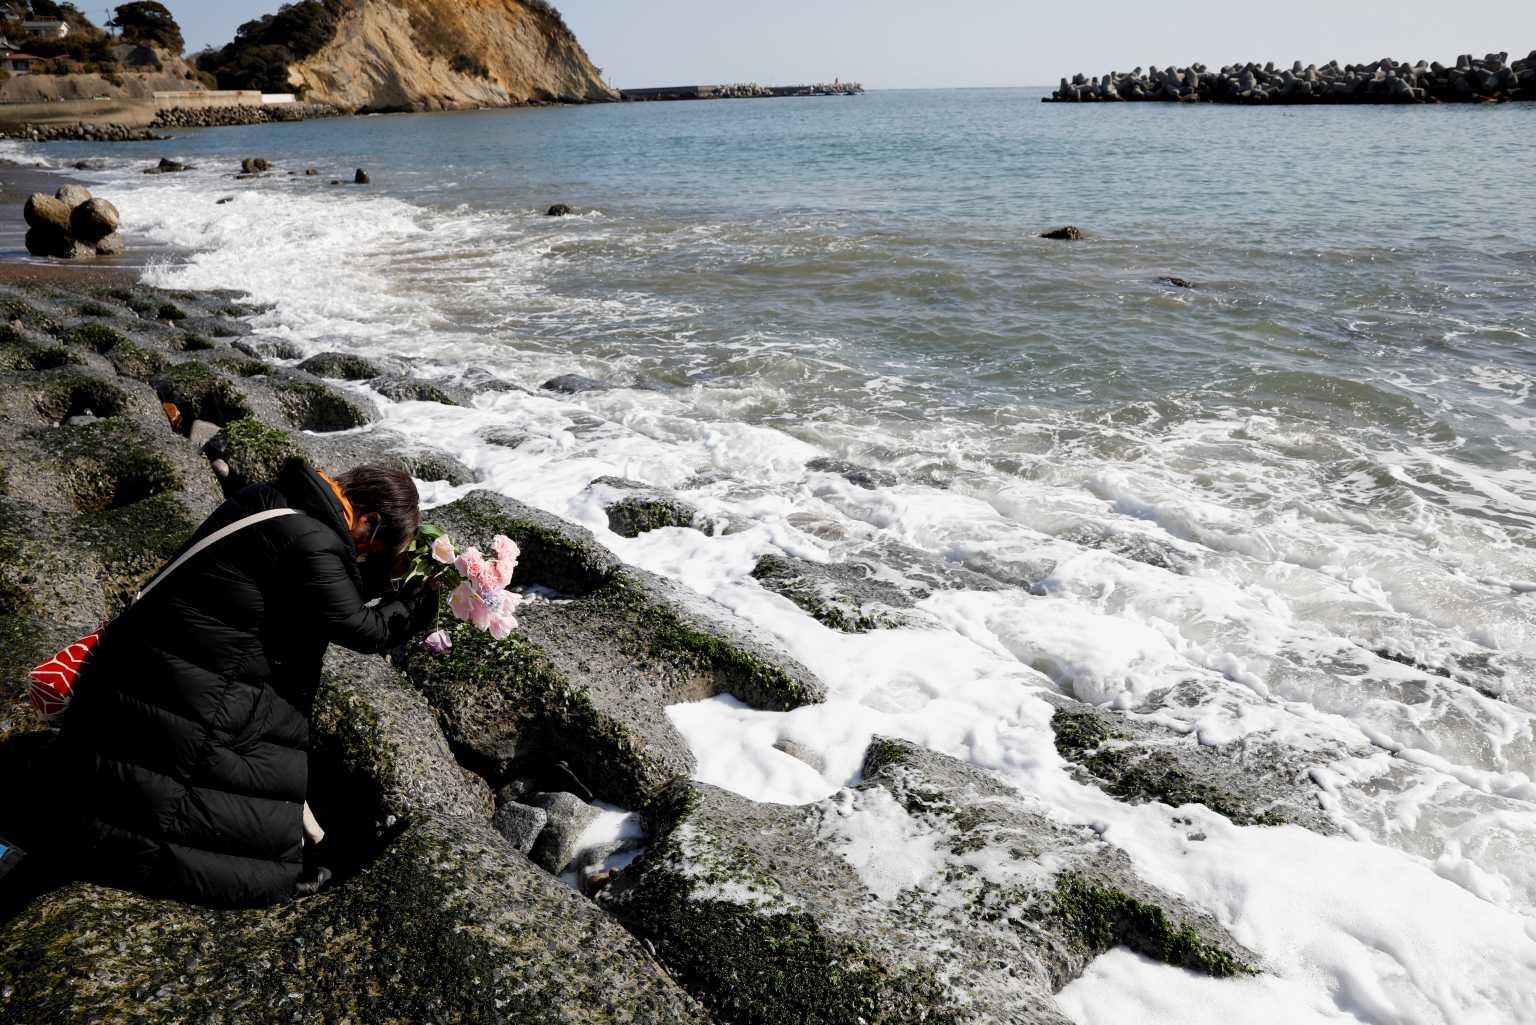 Φουκουσίμα: Στη θάλασσα θα απορριφθεί το μολυσμένο νερό από τον πυρηνικό σταθμό